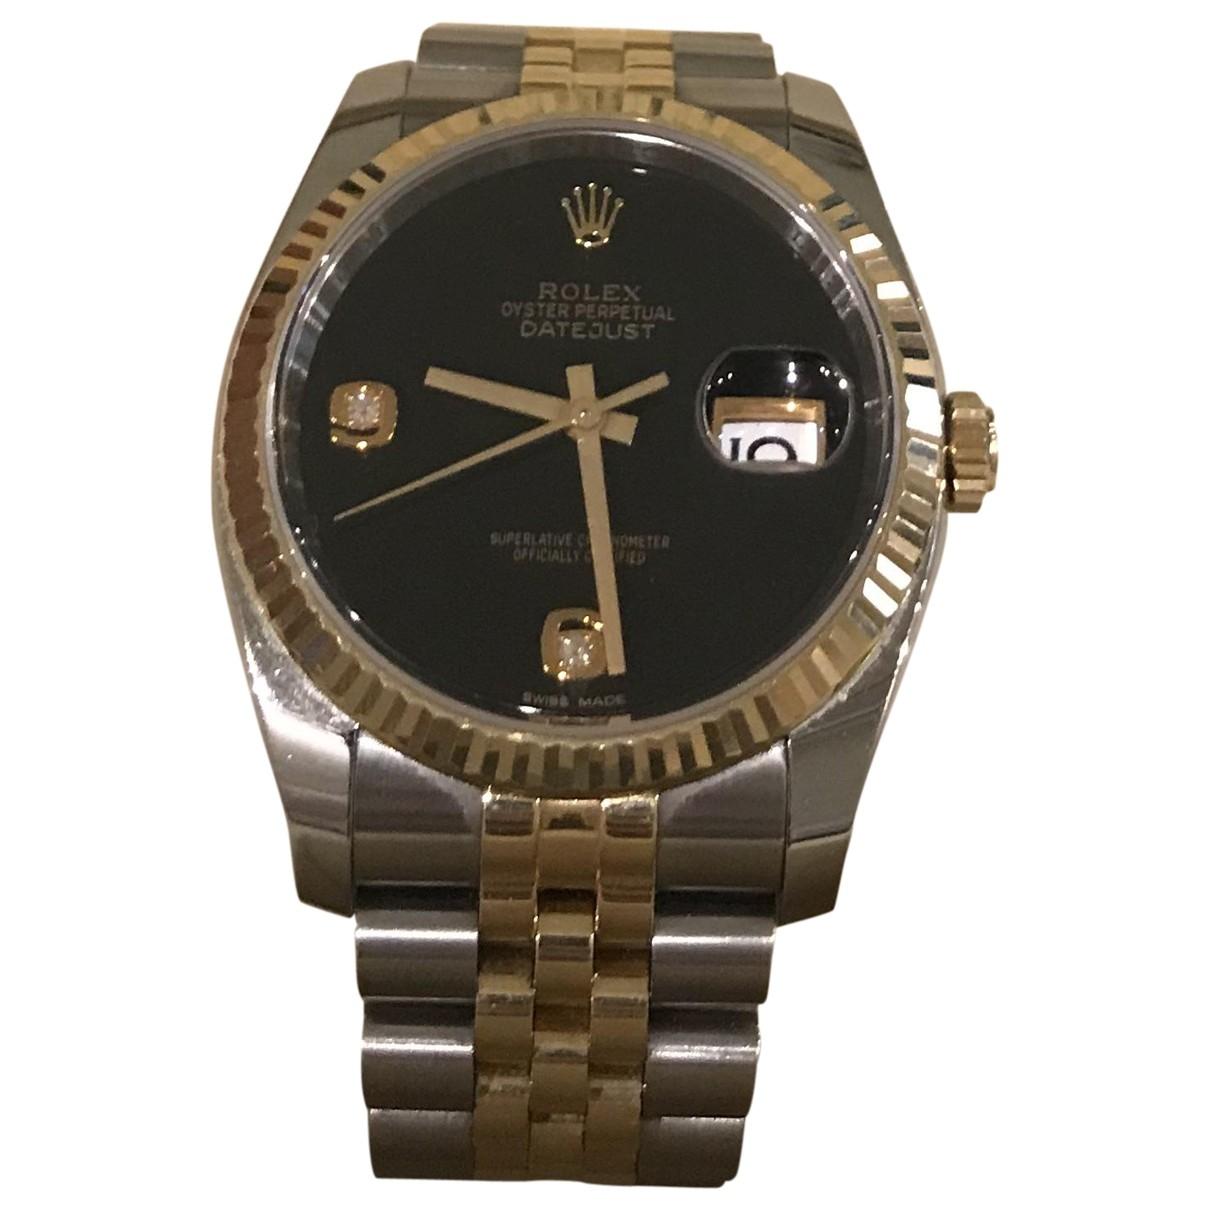 Rolex Datejust 36mm Uhr in Gold und Stahl